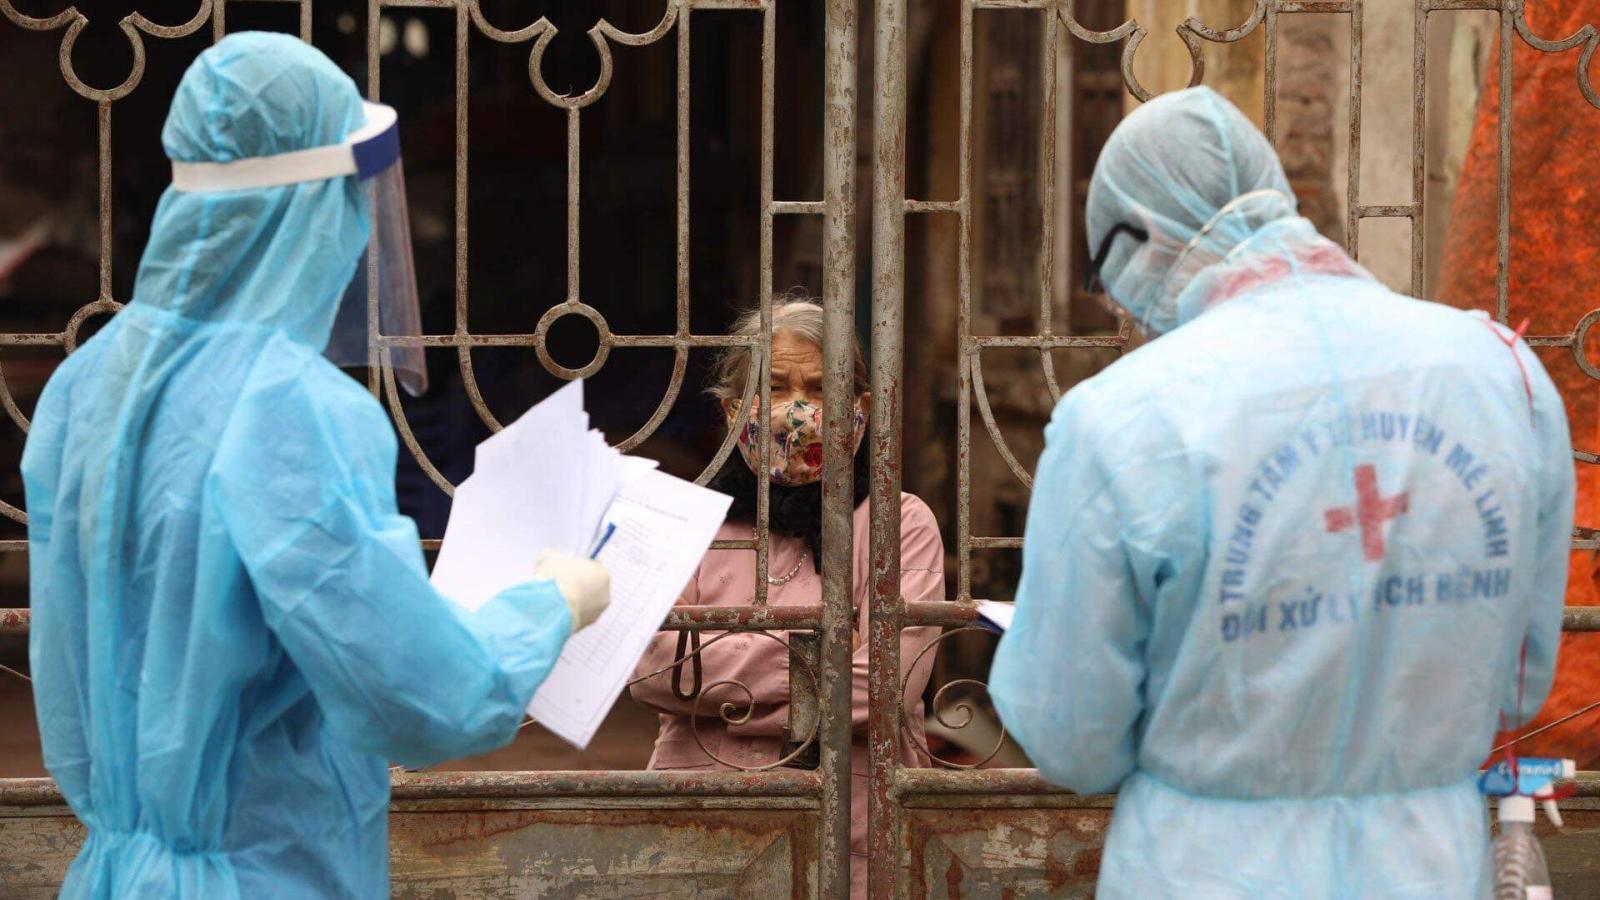 Chuyên gia người Nhật tử vong ở Hà Nội là ca mắc COVID-19 thứ 2229 tại Việt Nam